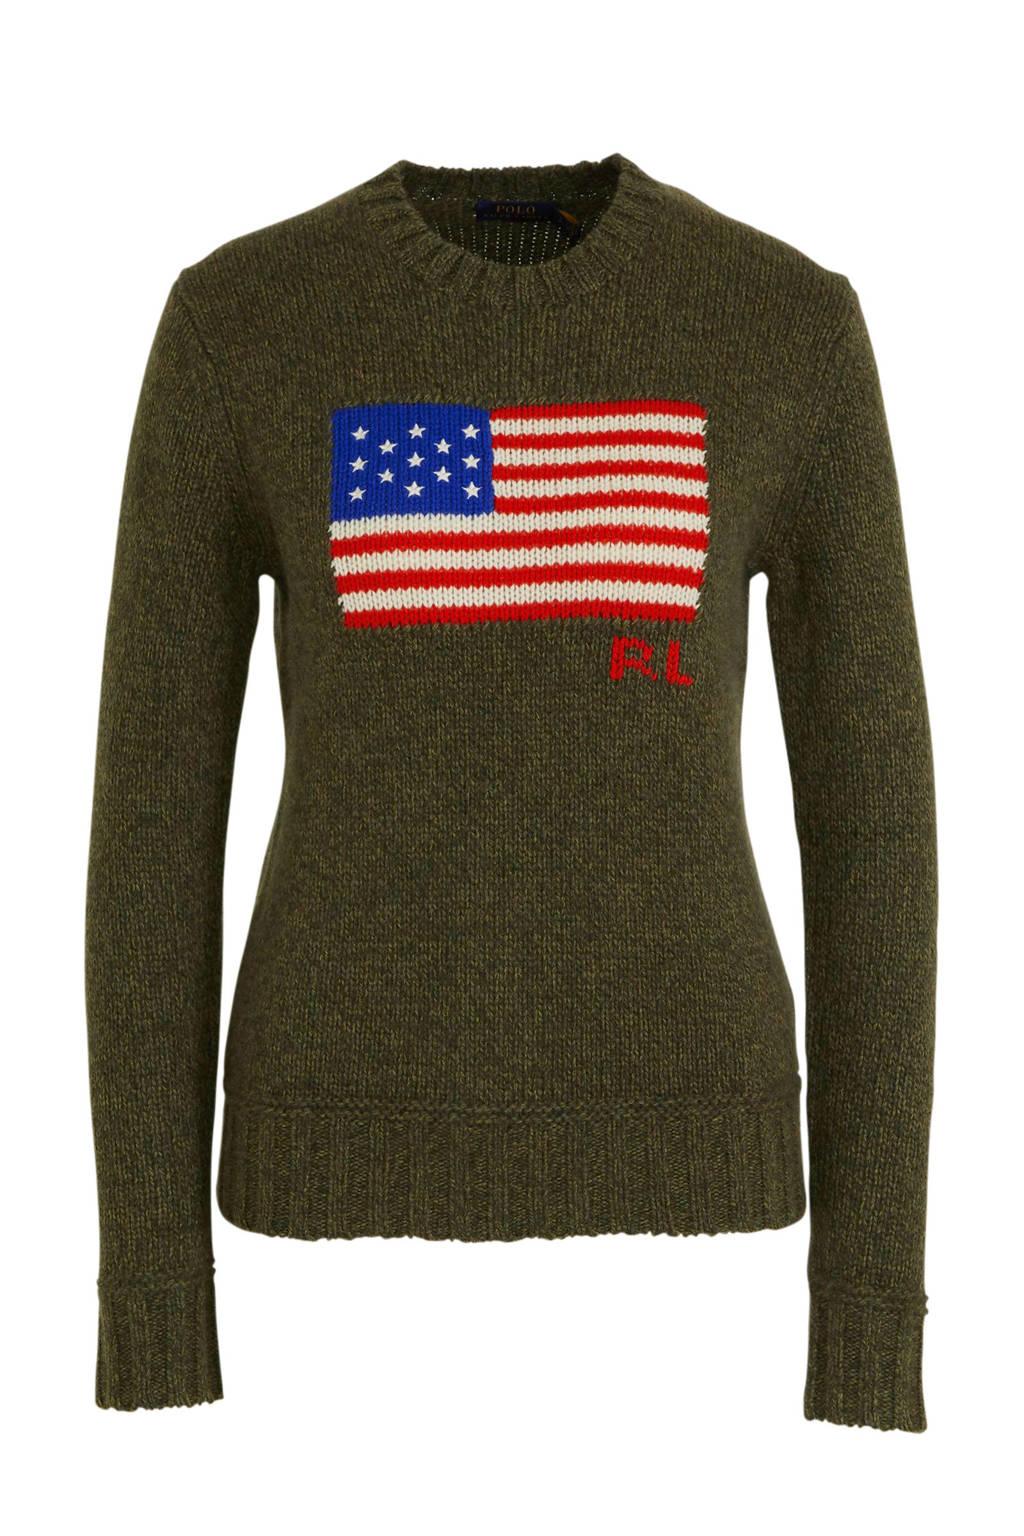 POLO Ralph Lauren gebreide trui met wol en logo olijfgroen, Olijfgroen